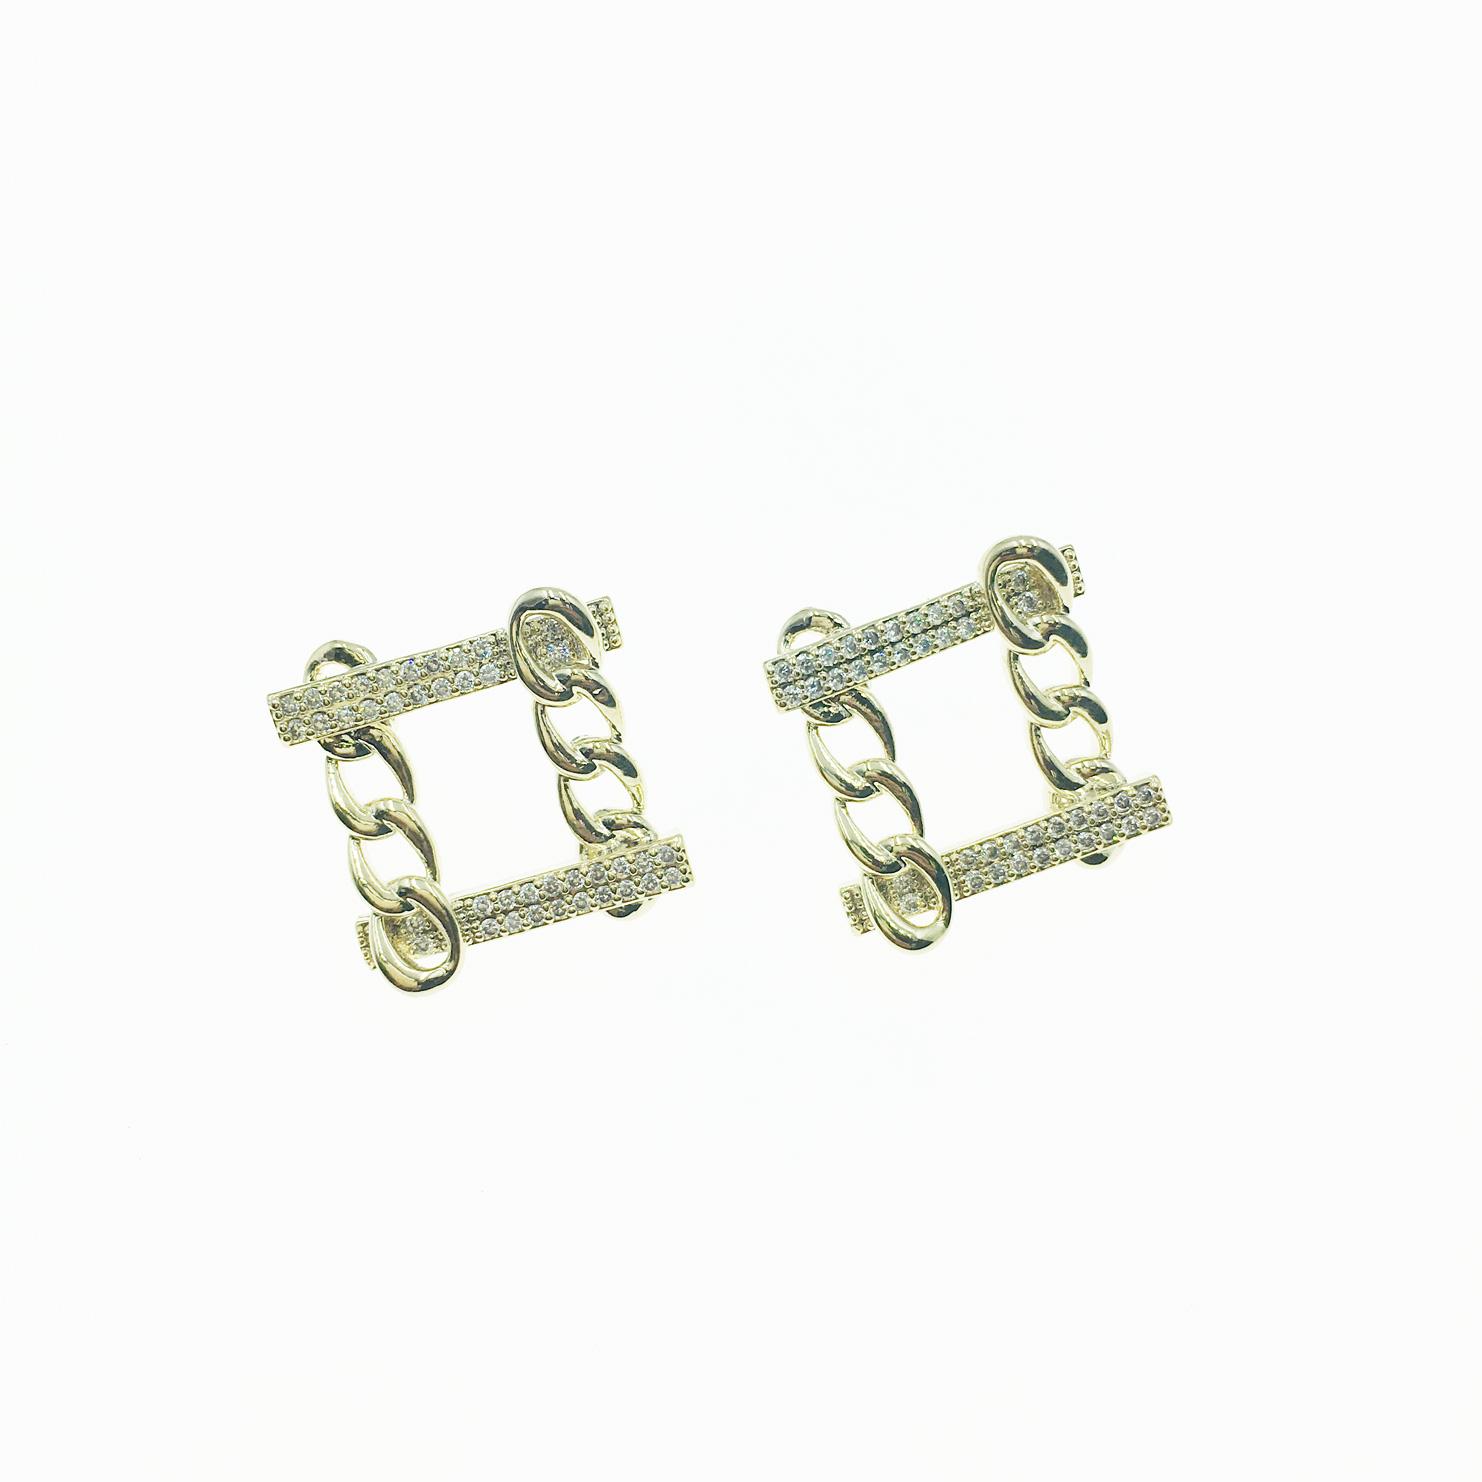 韓國 925純銀 方形 交錯 串鍊 水鑽 耳針式 耳環